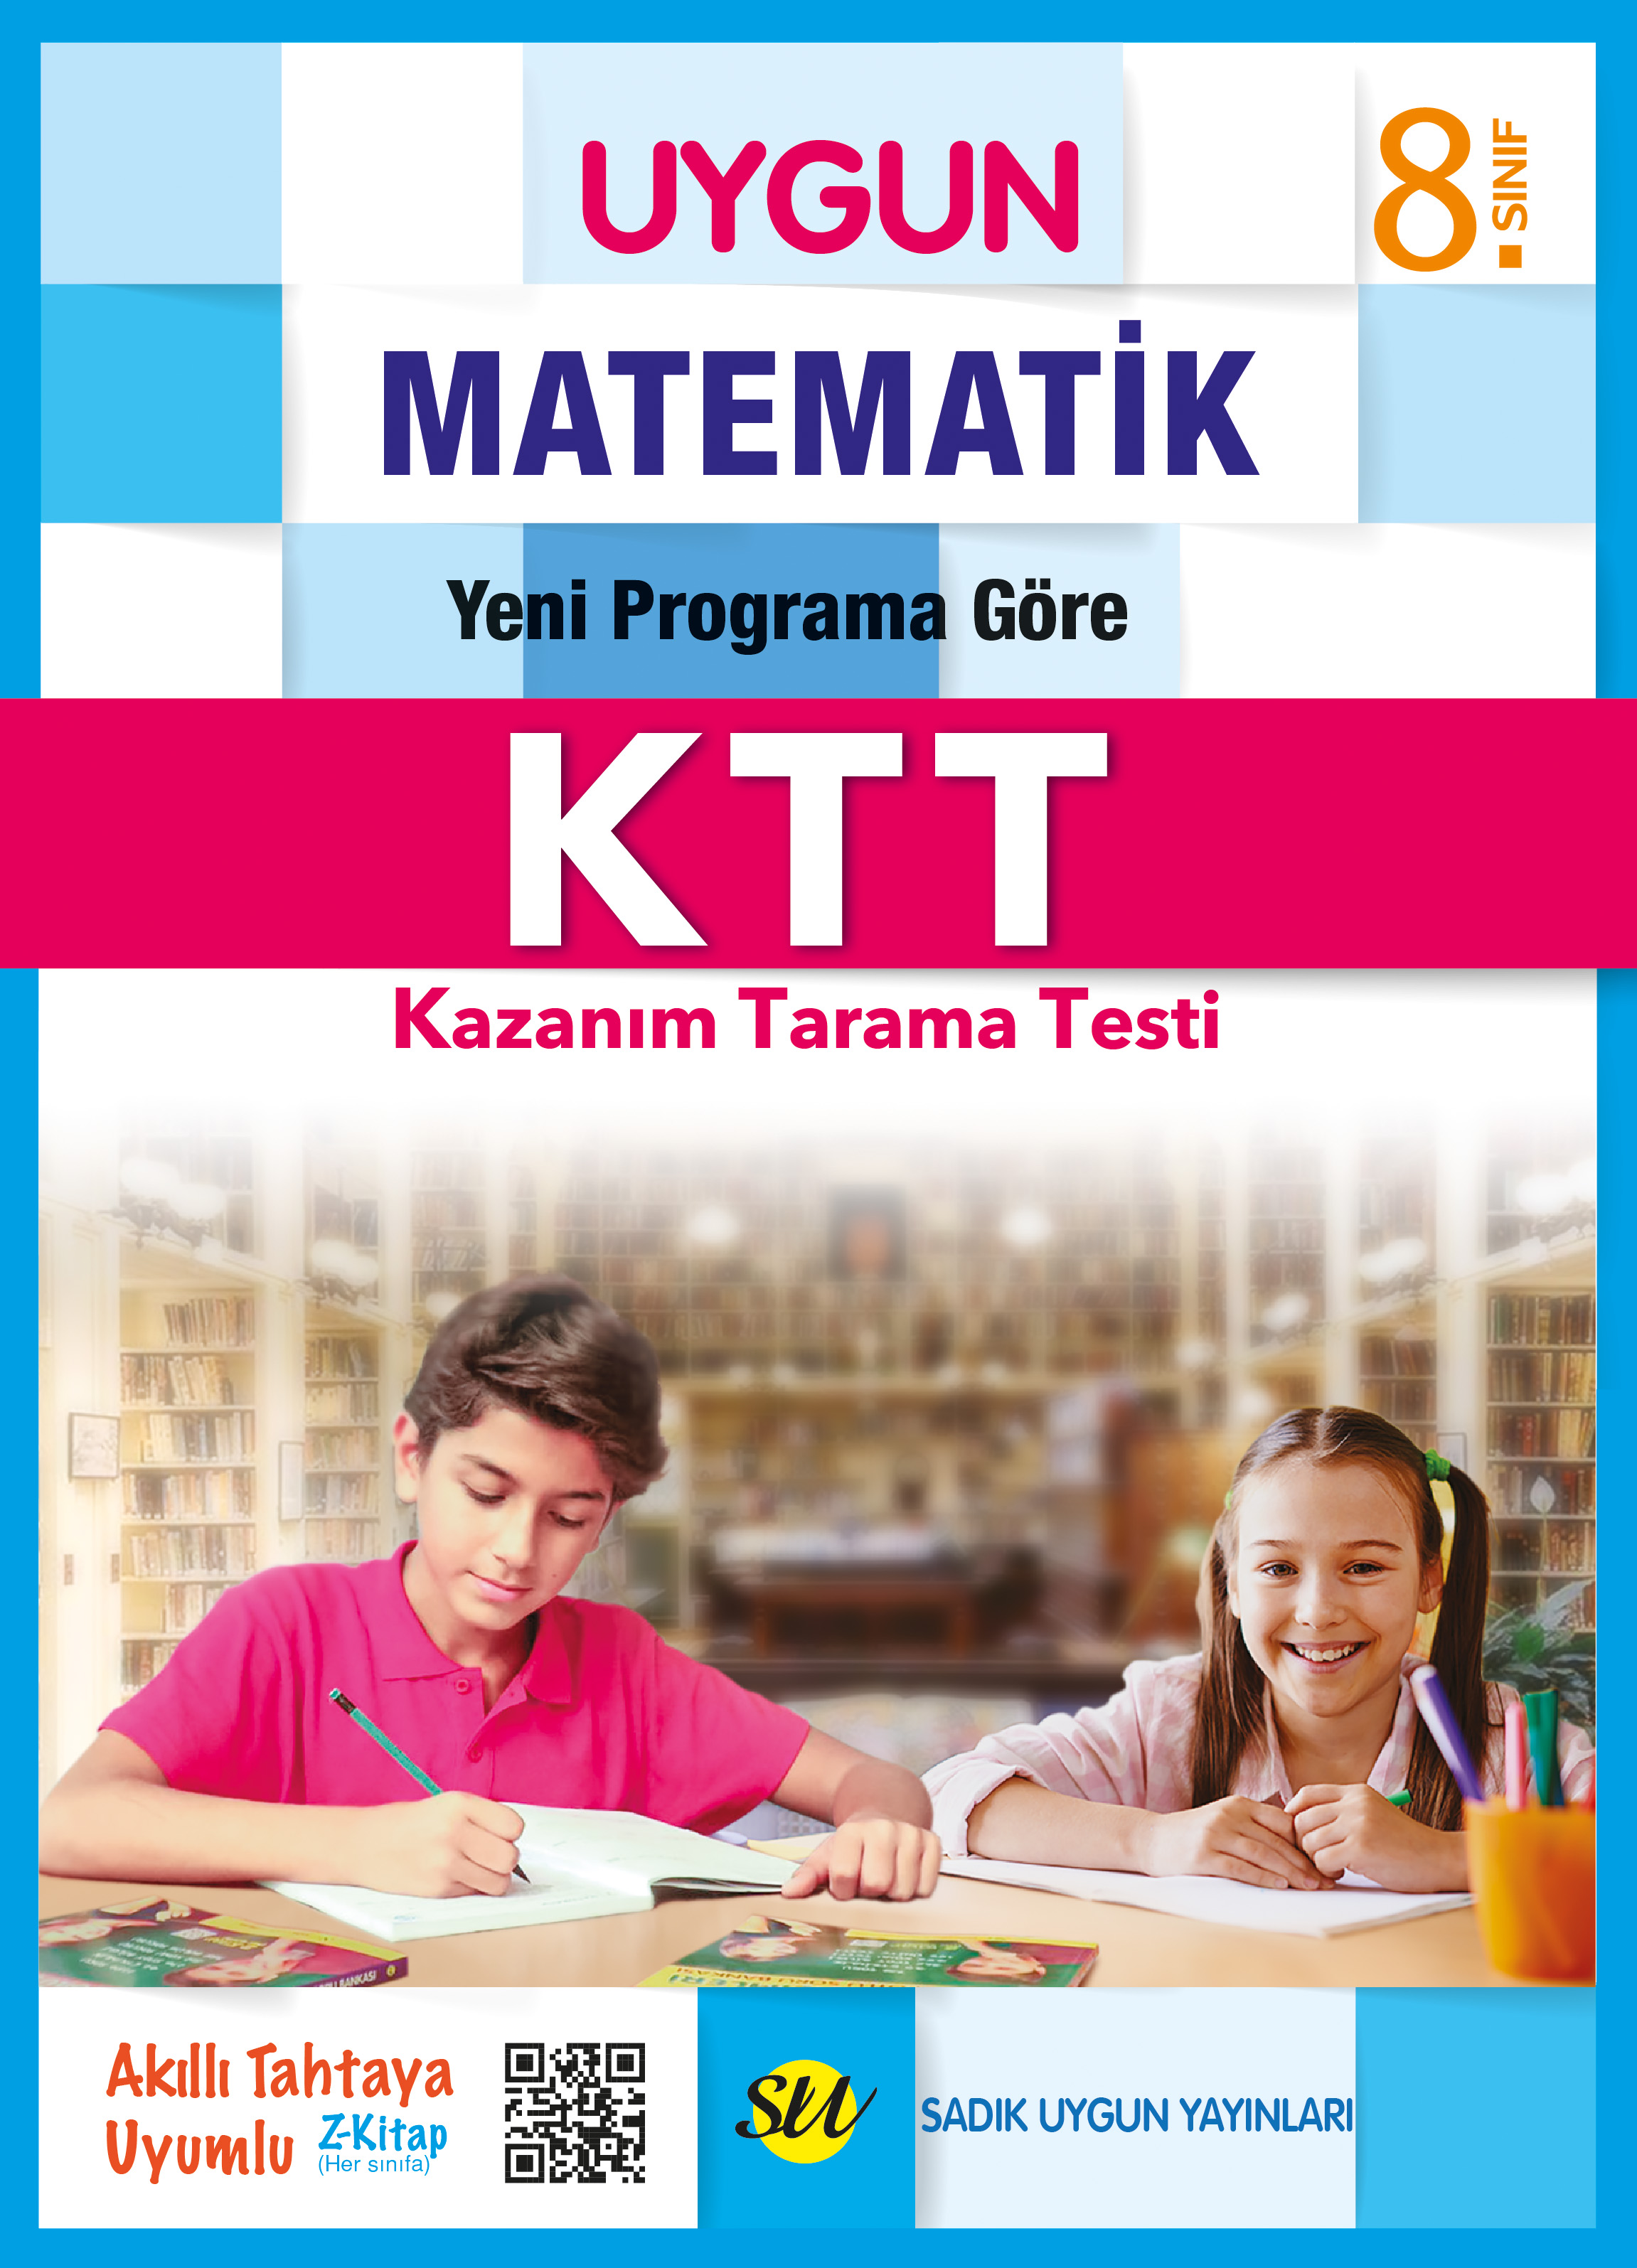 UYGUN – Kazanım Tarama Testleri (KTT) – Matematik 8. Sınıf